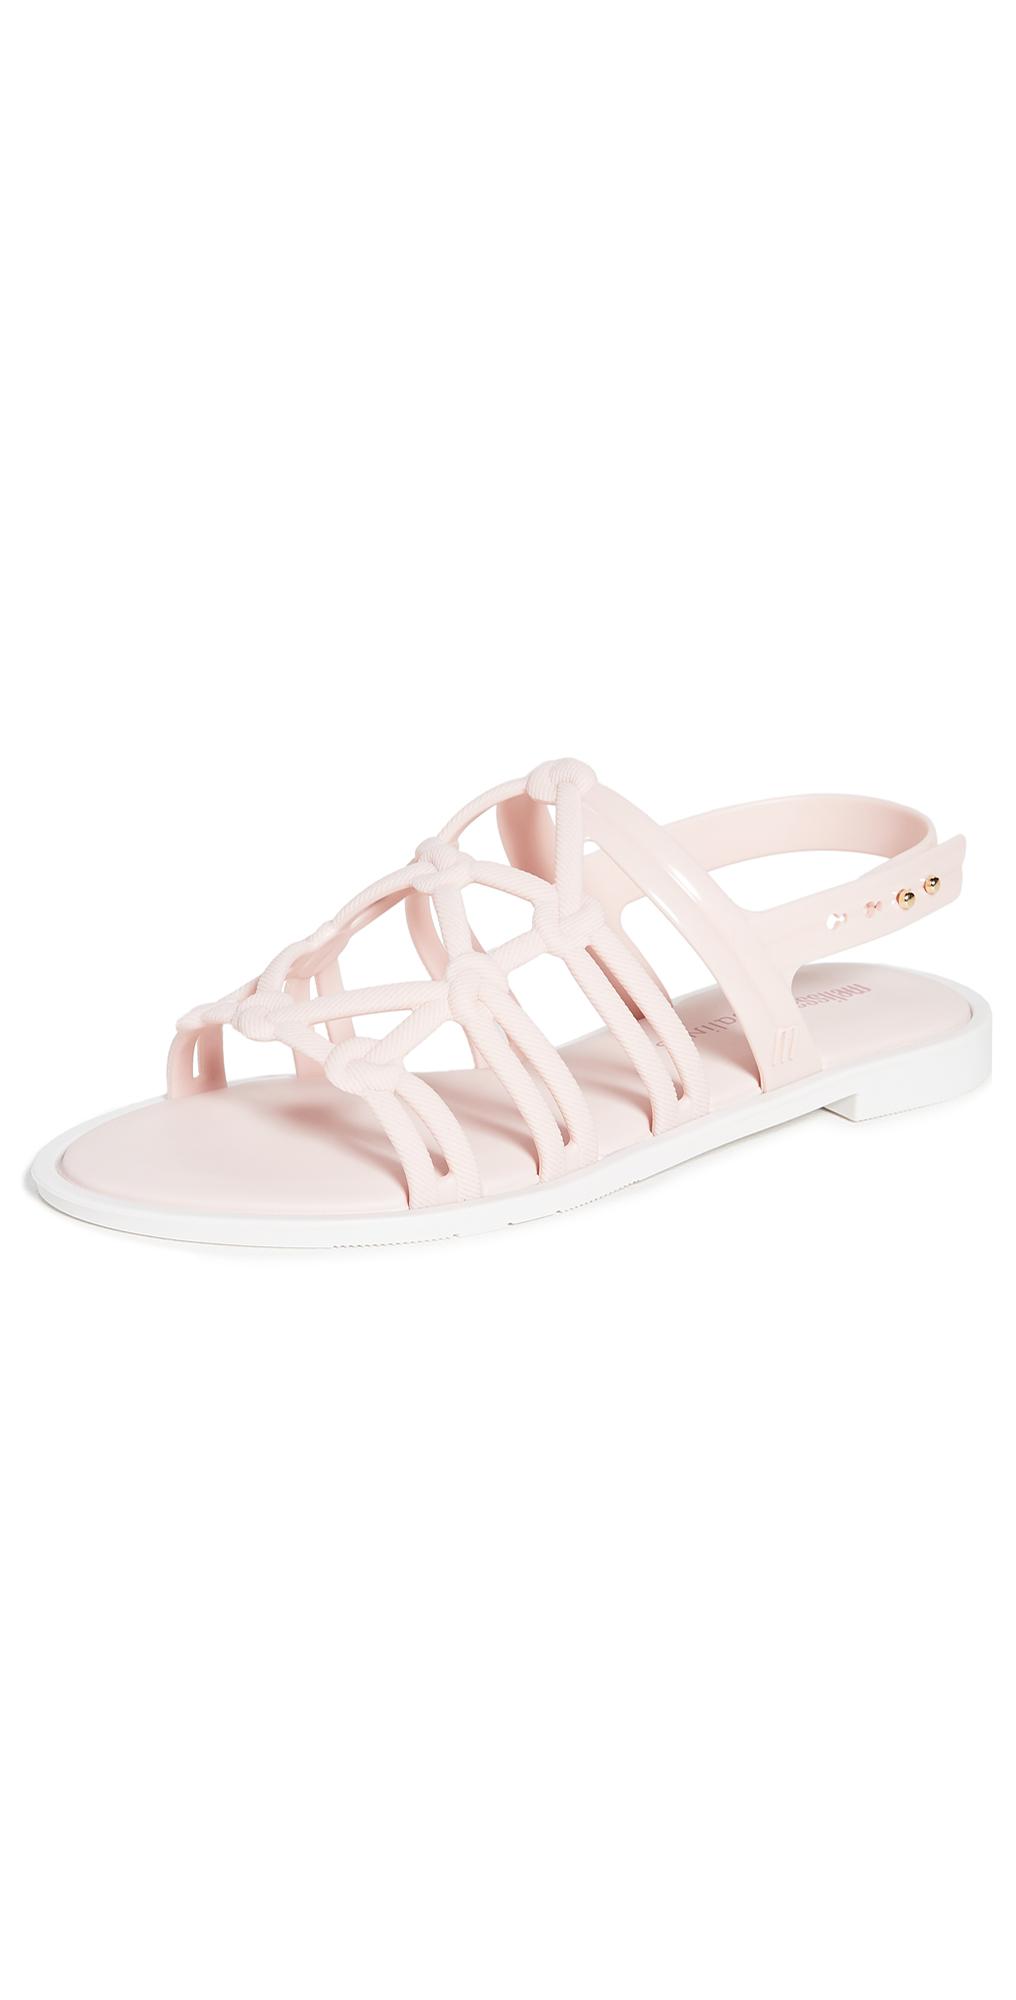 Melissa x Salinas Strappy Sandals